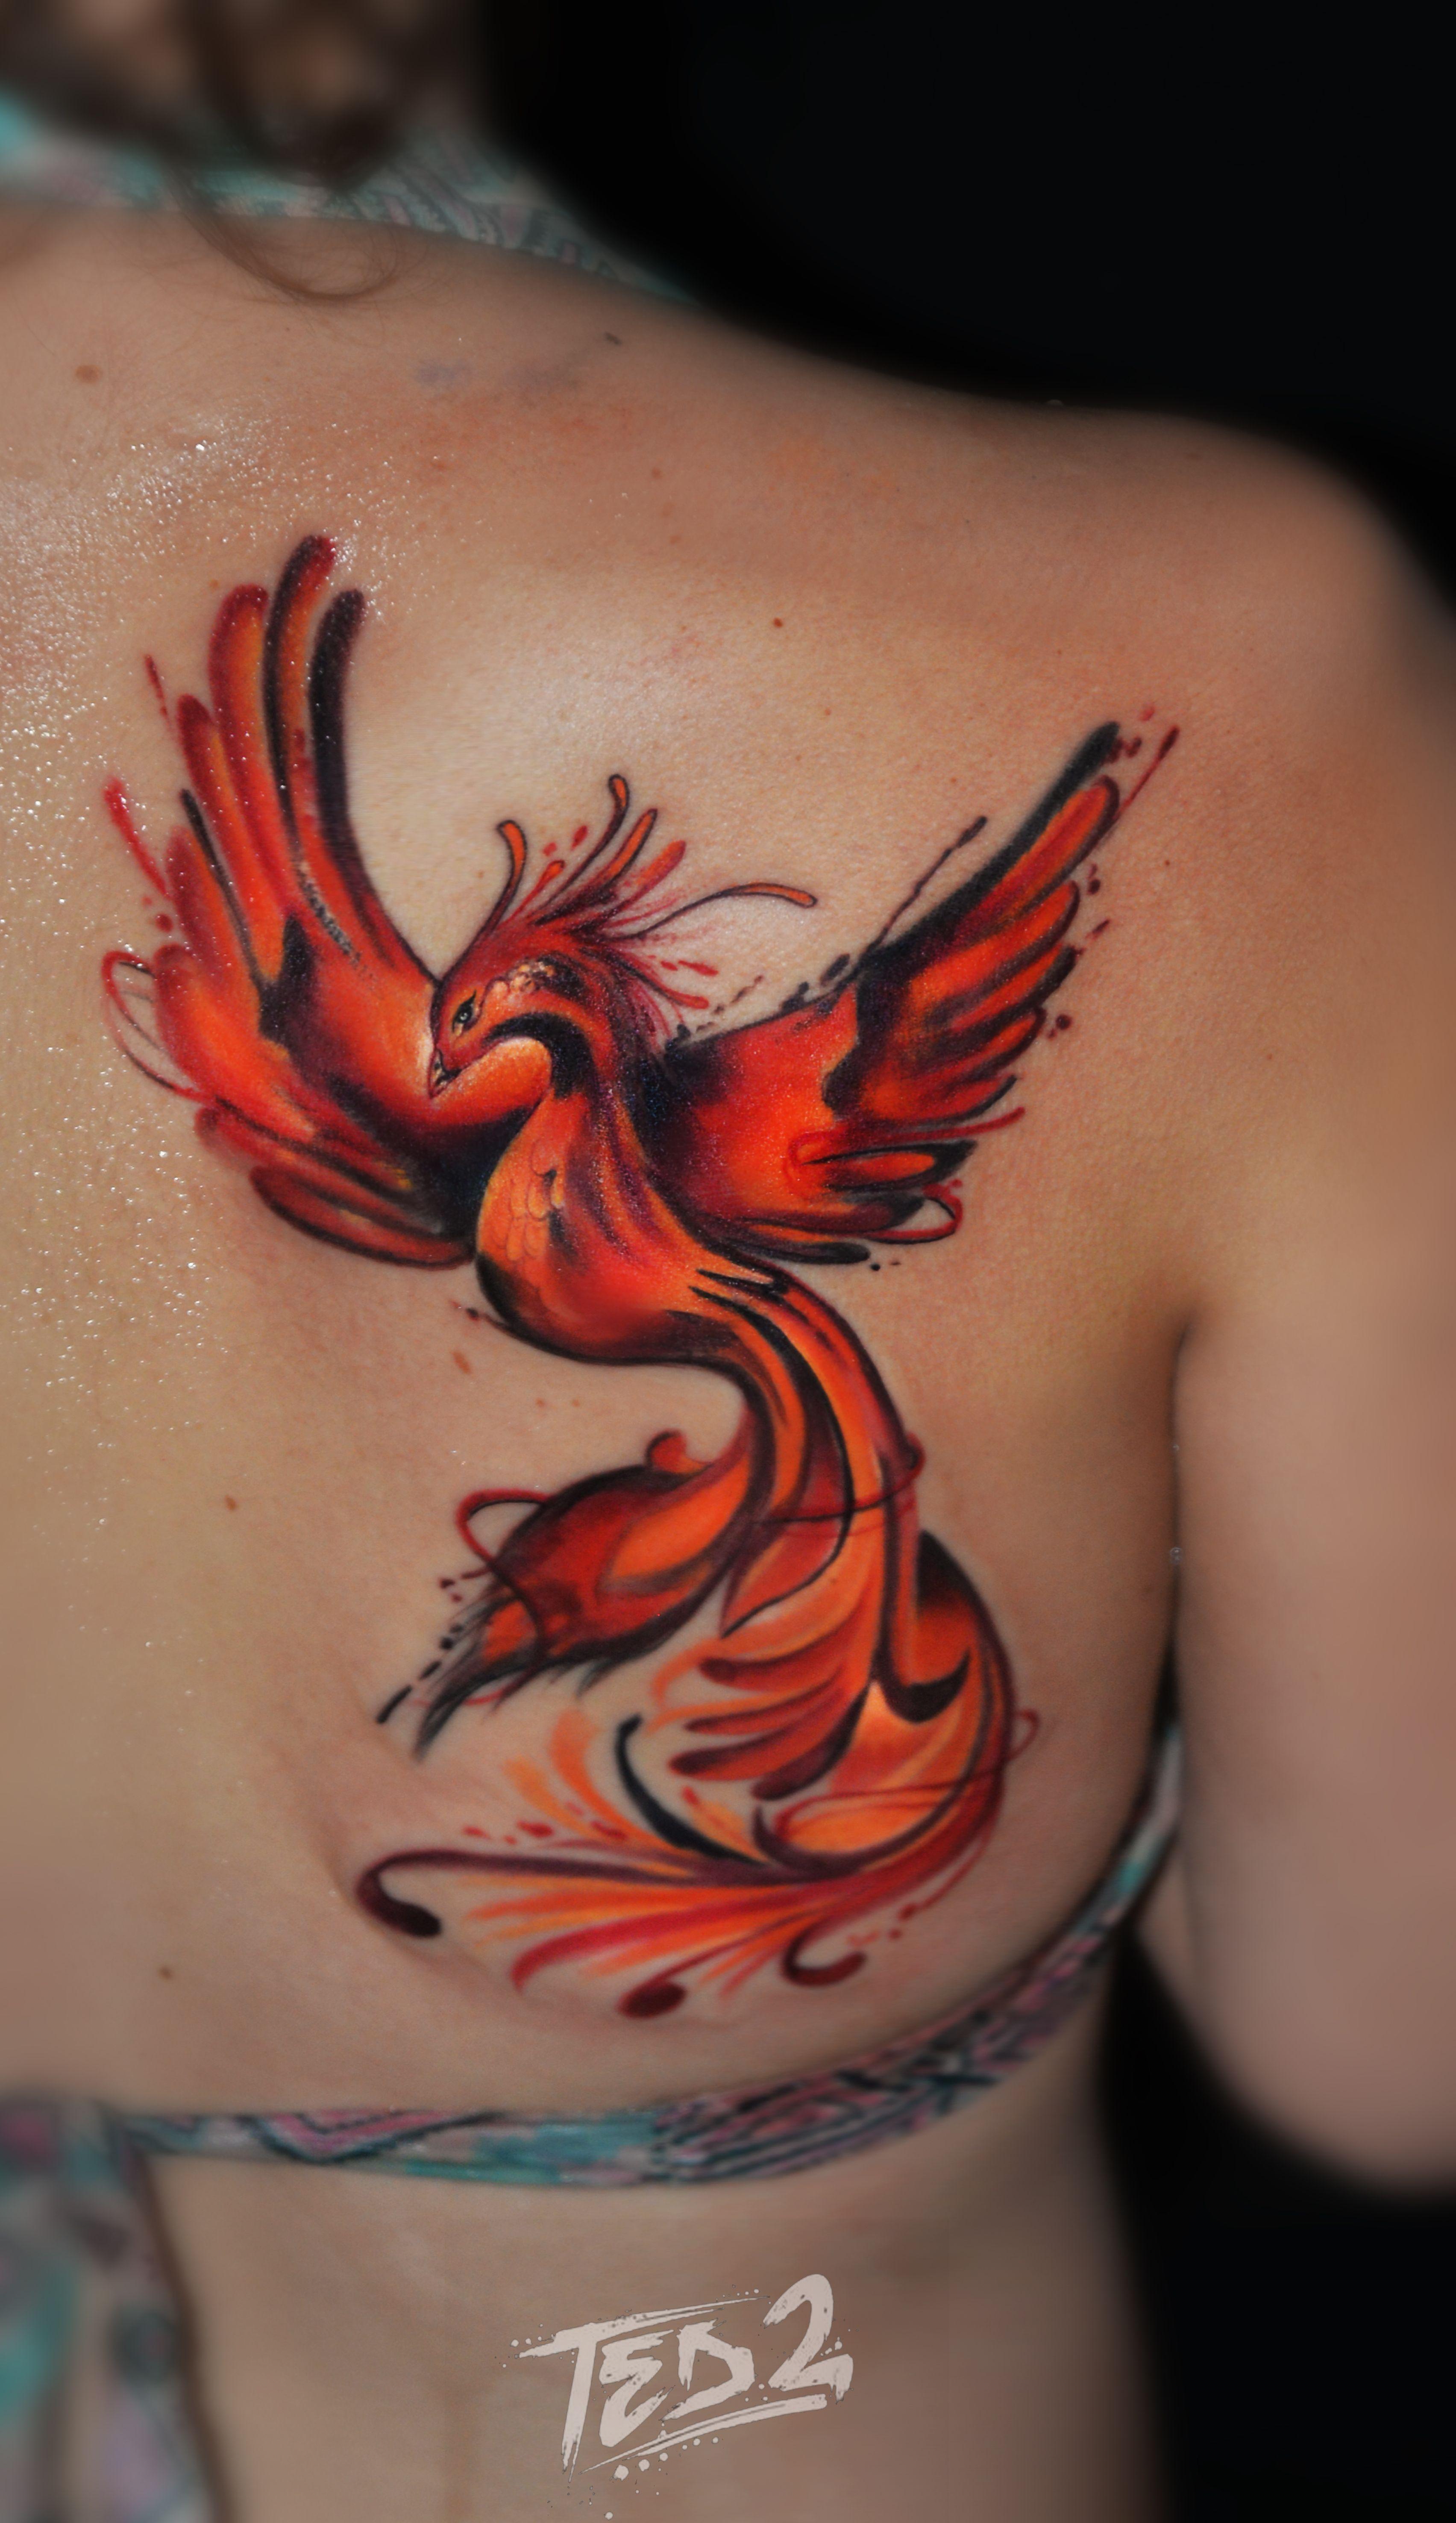 Phonix Tattoo Watercolor Tattoo Phoenix Watercolor Watercolour Phonix Wasserfa Phonix Tattoo Watercol Phoenix Tattoo Feminine Phoenix Tattoo Girl Tattoos